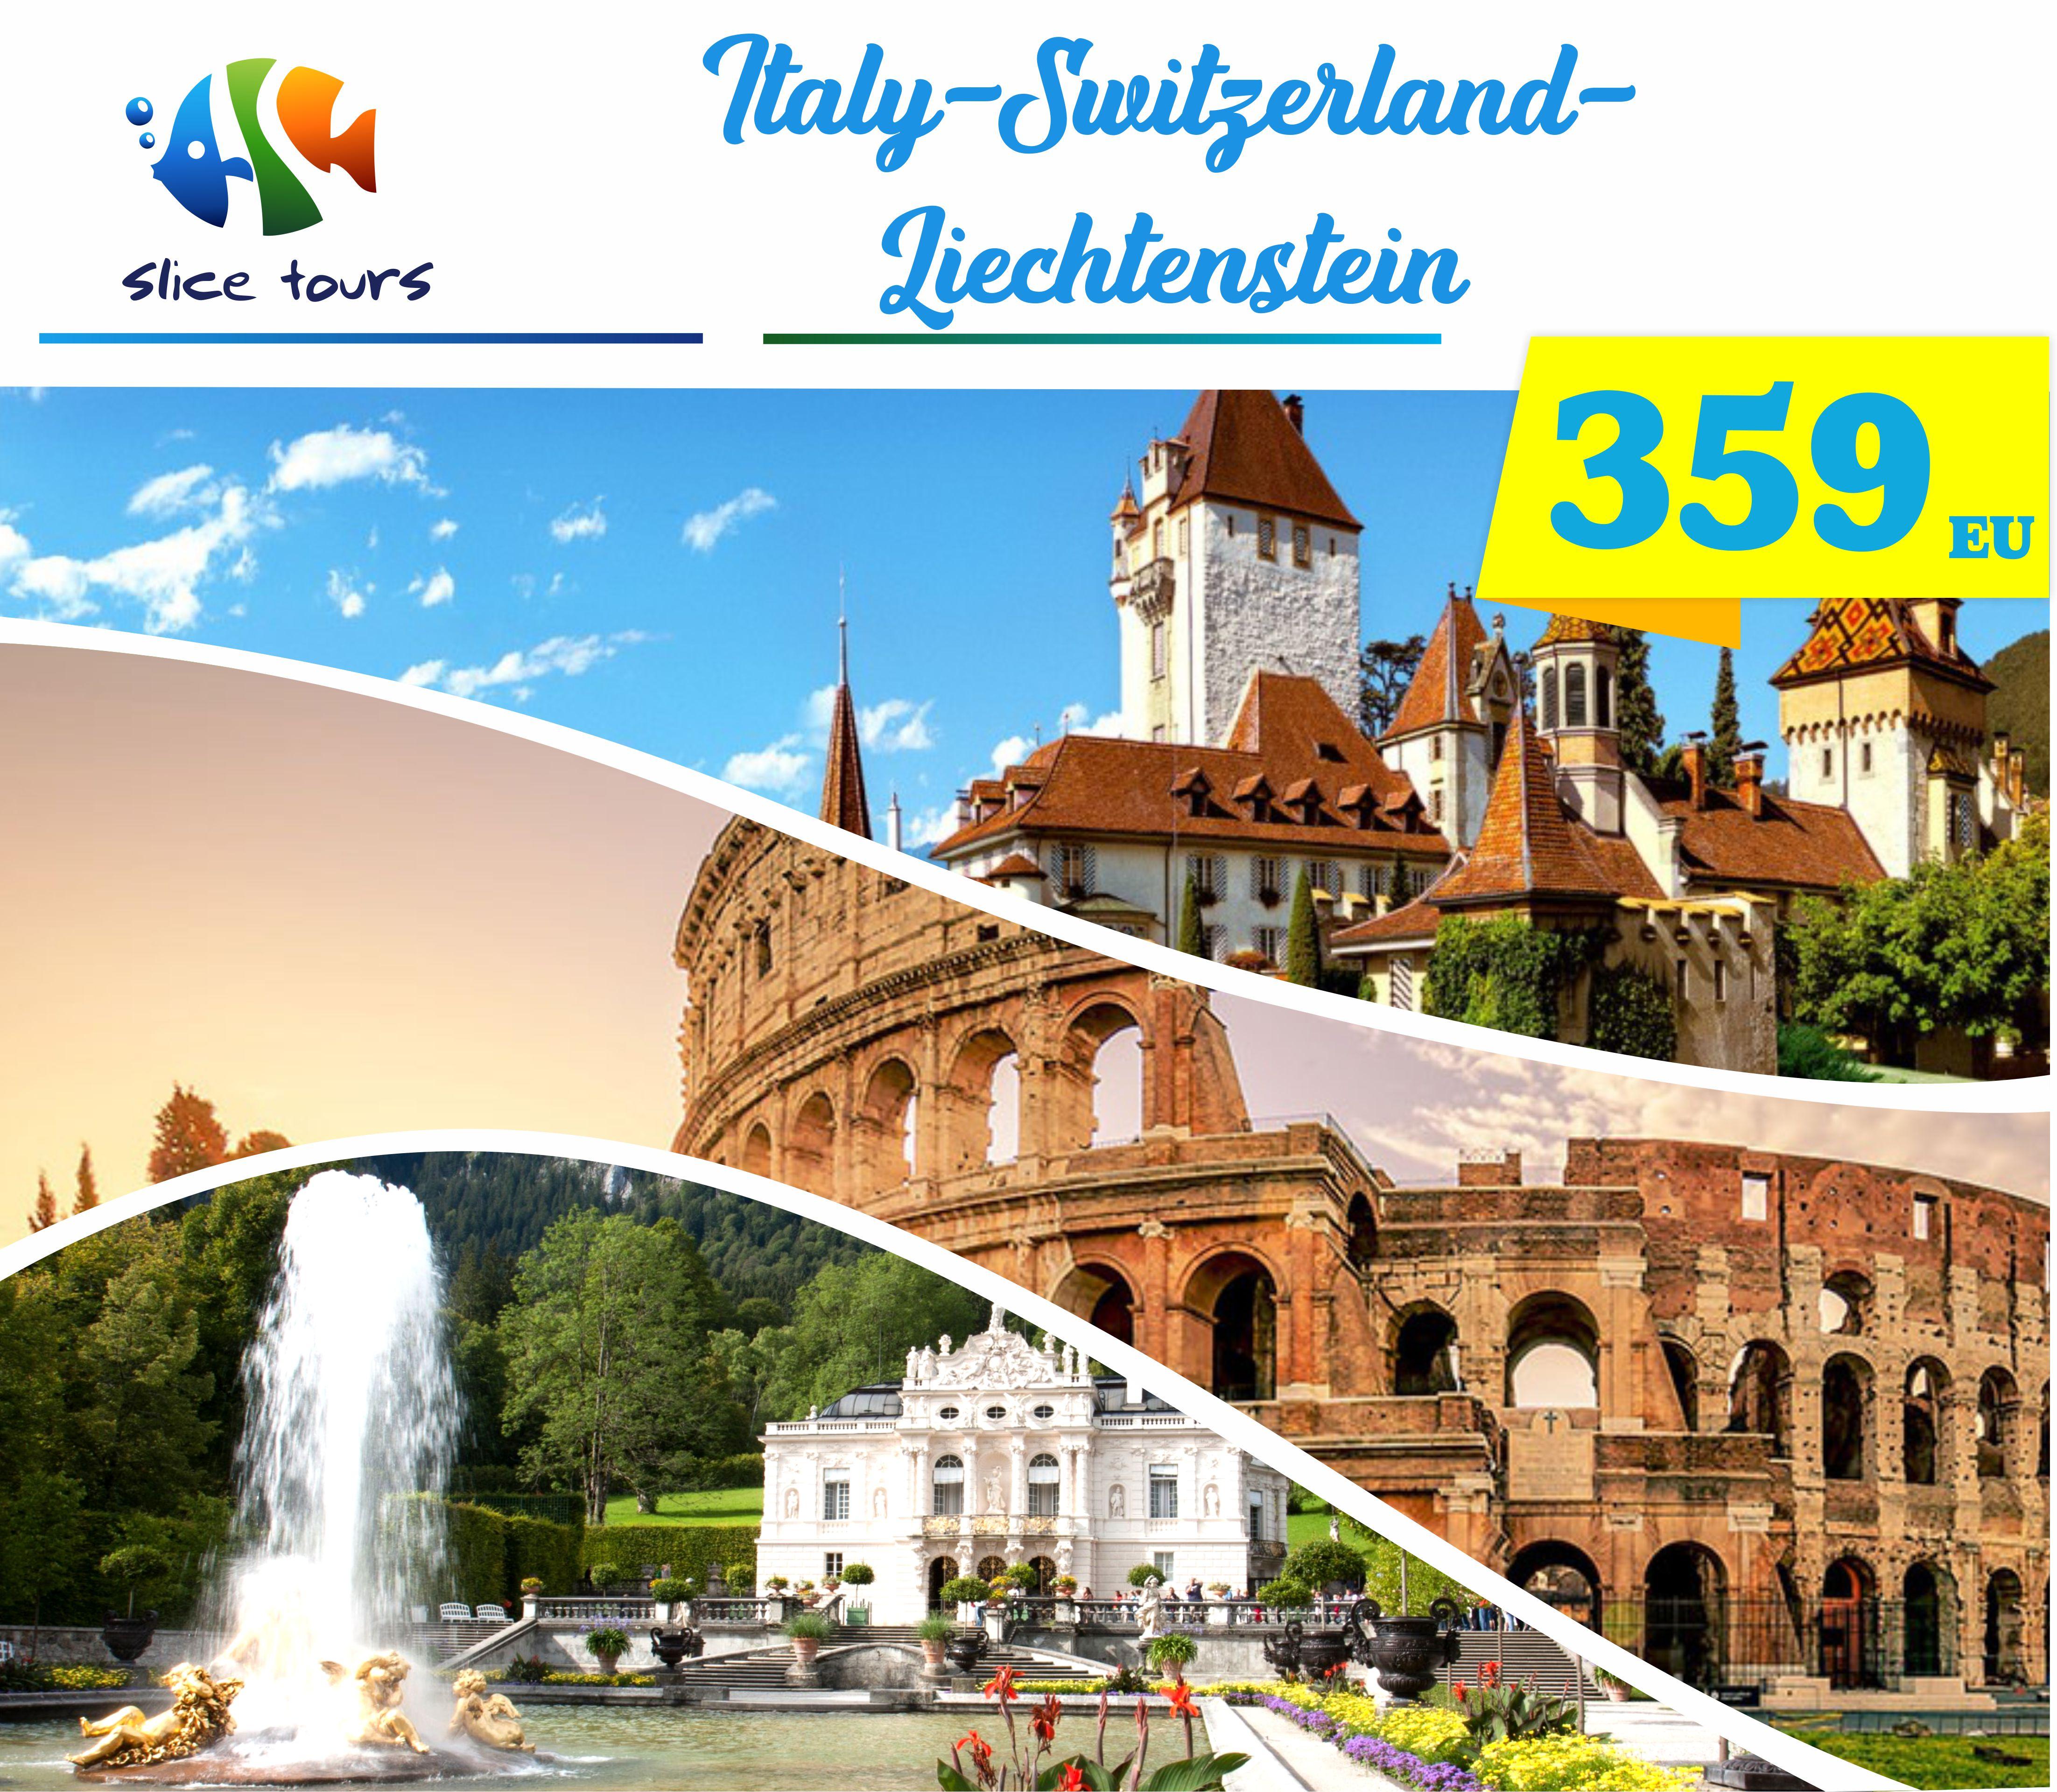 Italy Switzerland Liechtesnstein